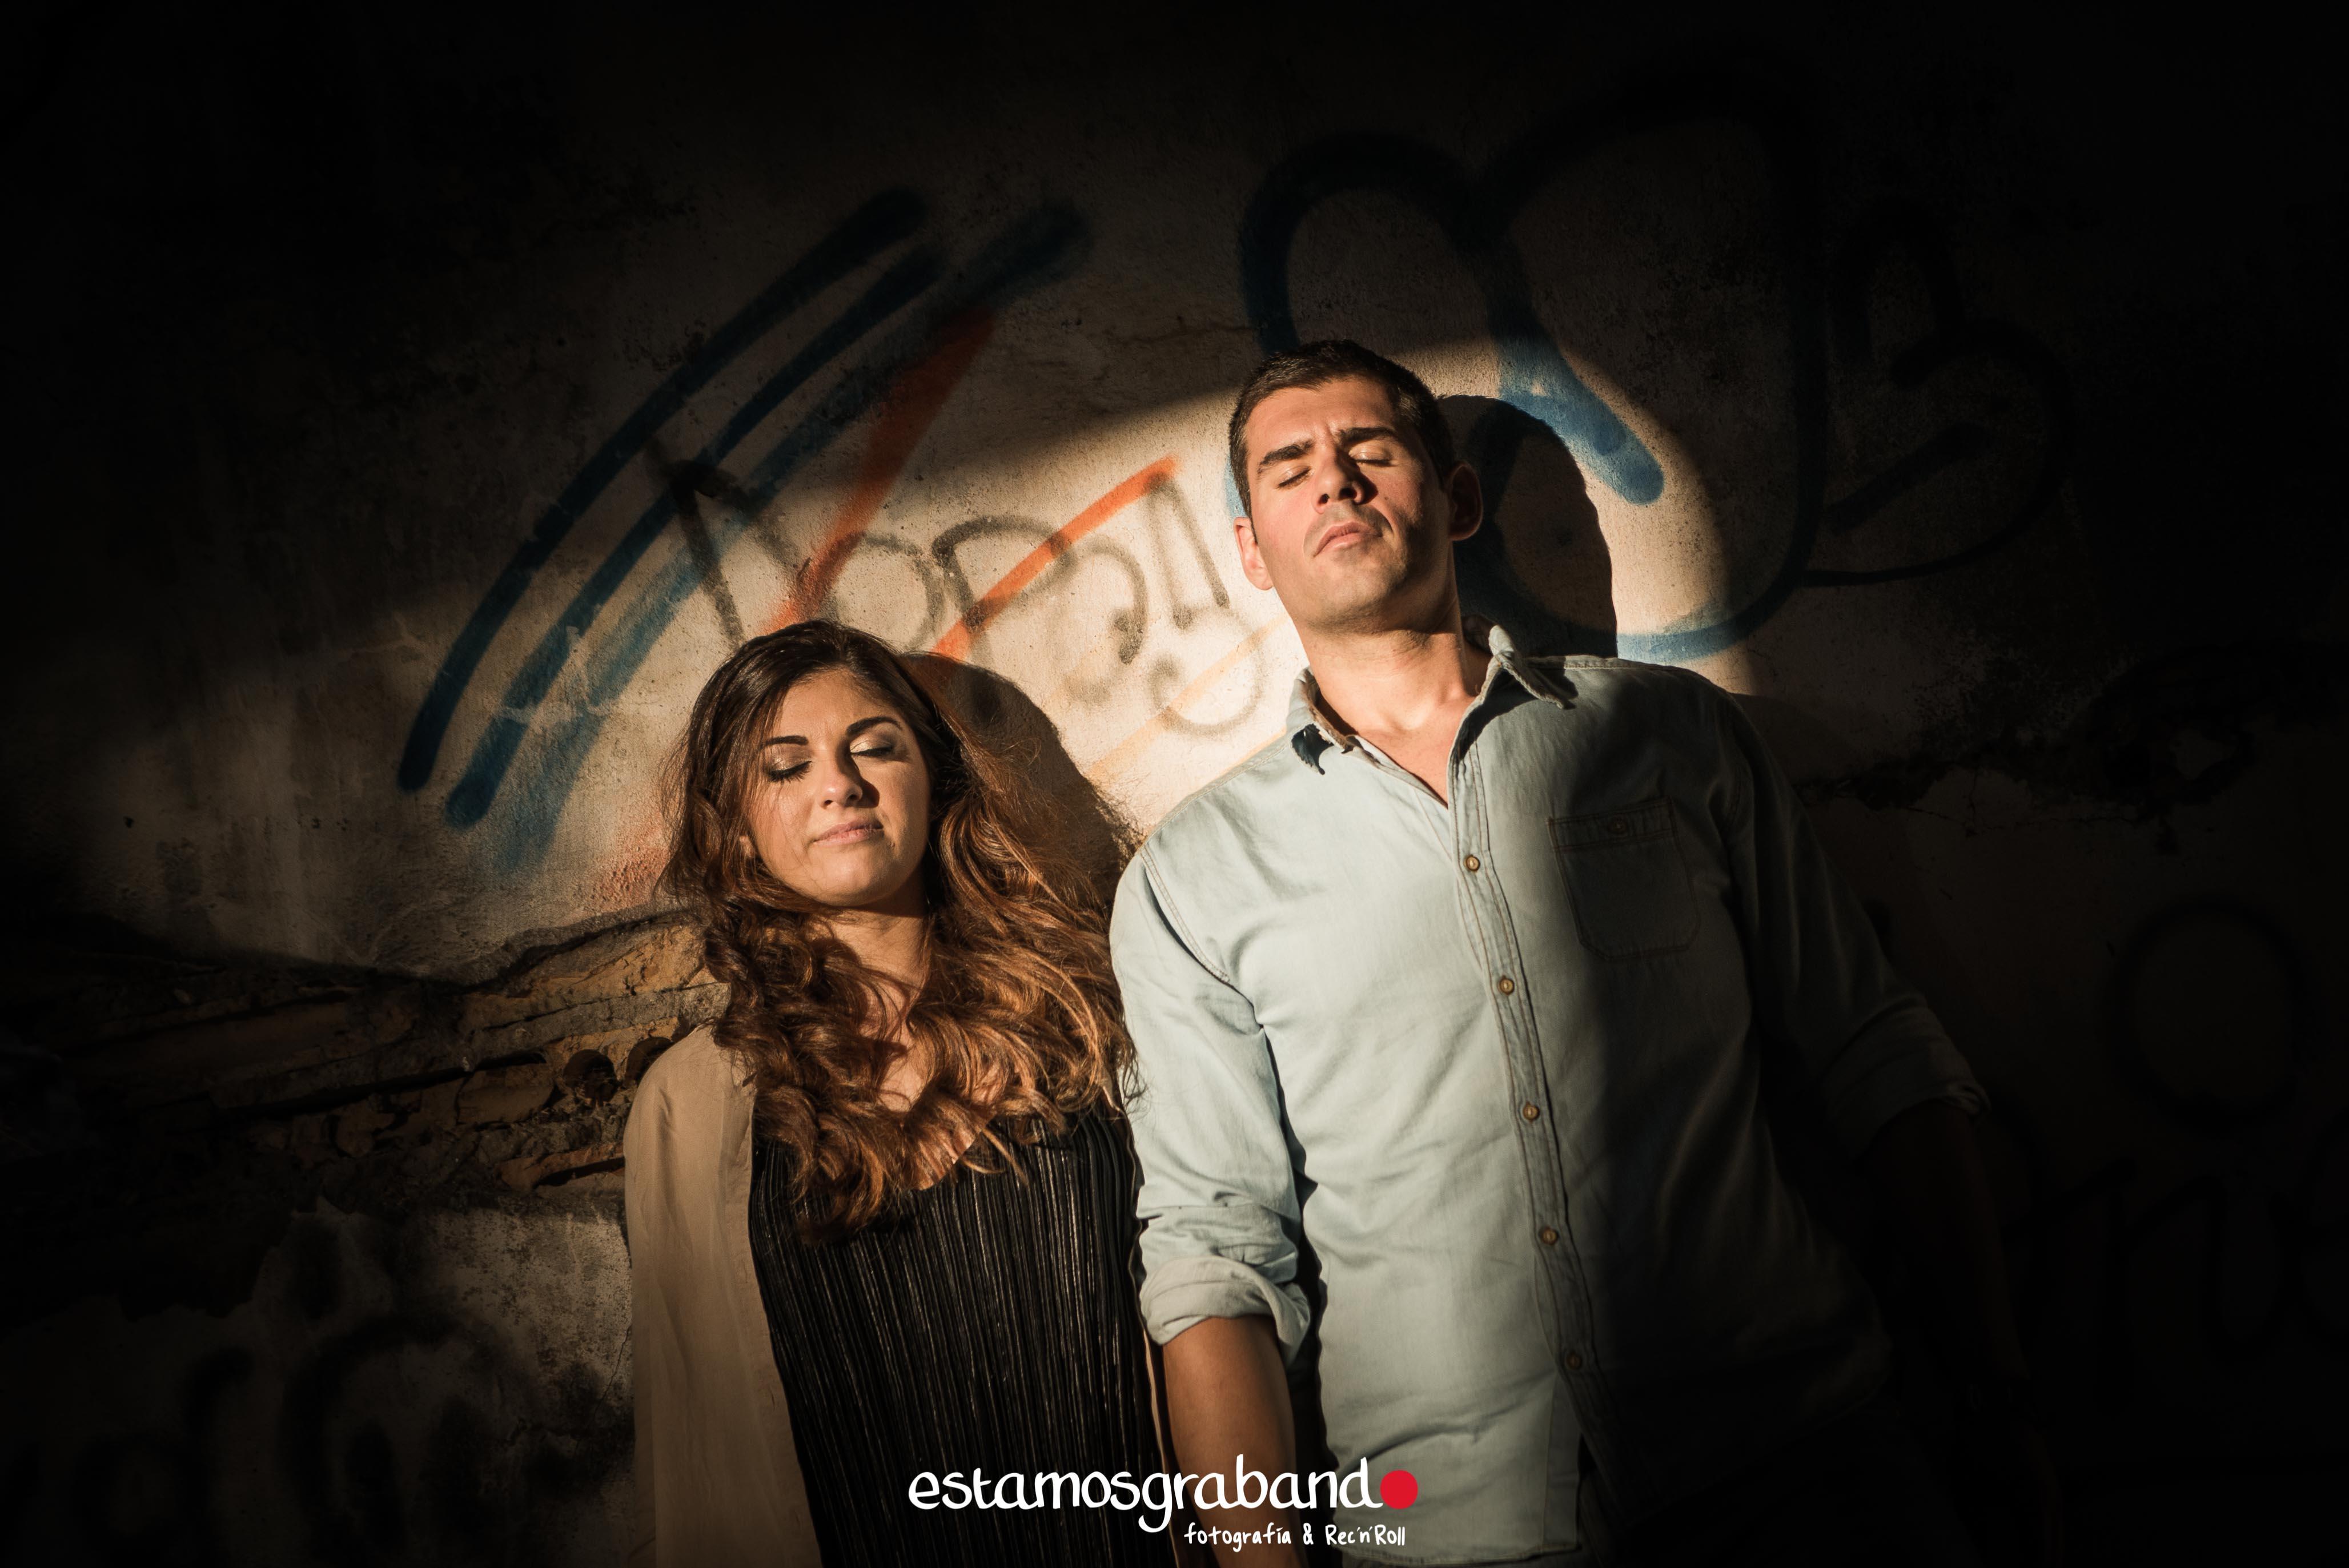 Preboda-Antonio-y-Belen-15 Preboda Antonio + Belén - video boda cadiz